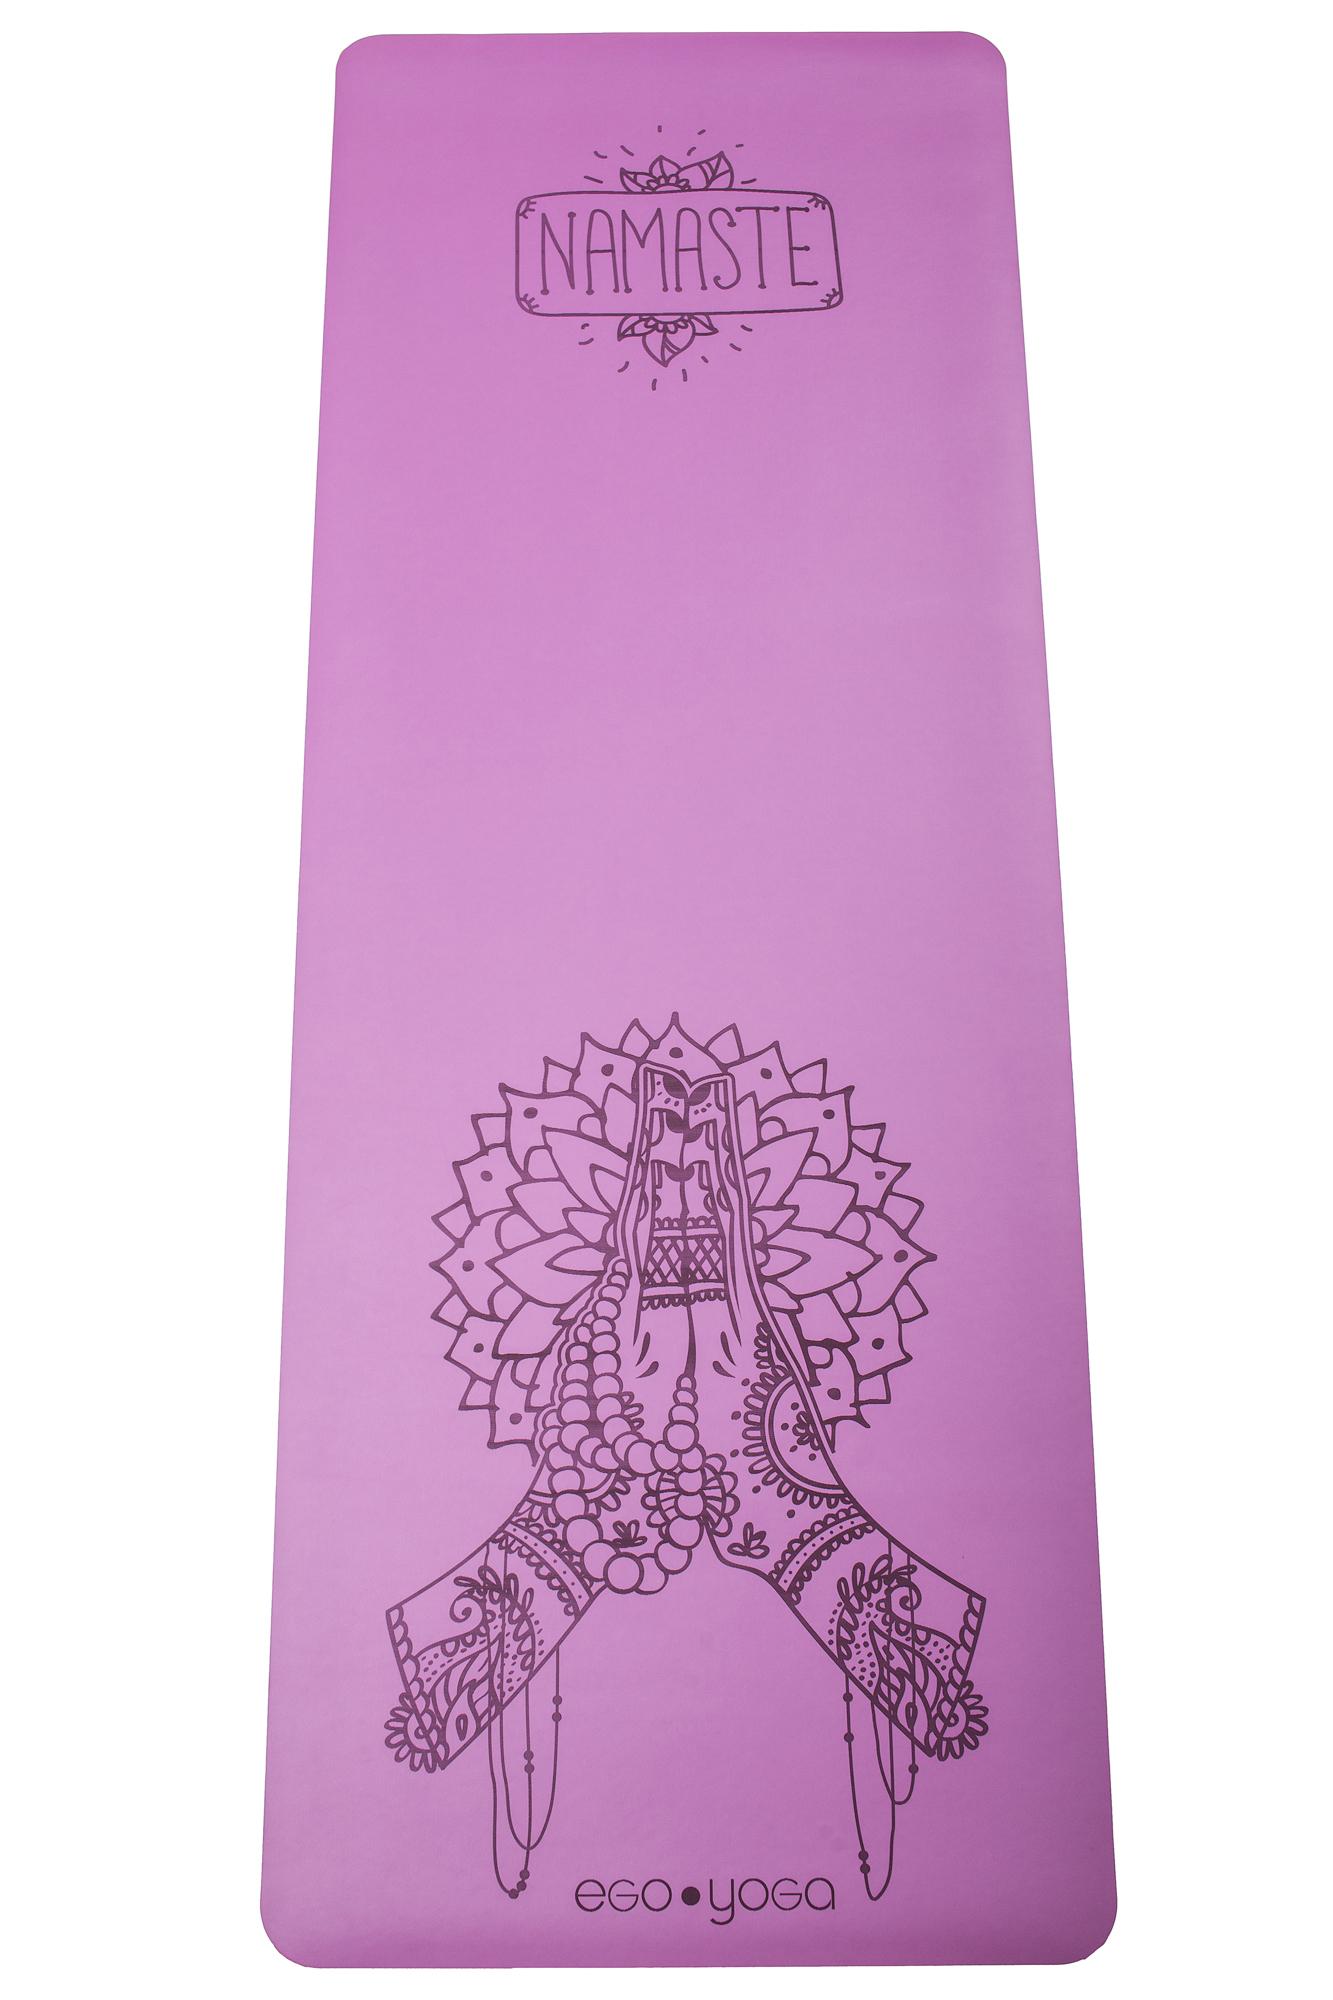 Коврик для йоги Namaste EGOyoga из полиуретана и каучука (3 кг, 185 см, 4 мм, фиолетовый, 68см) joerex yoerex йога коврики новички спортивные подушки 10 мм утолщение расширяющийся нескользящий фитнес коврик jbd50551 фиолетовый